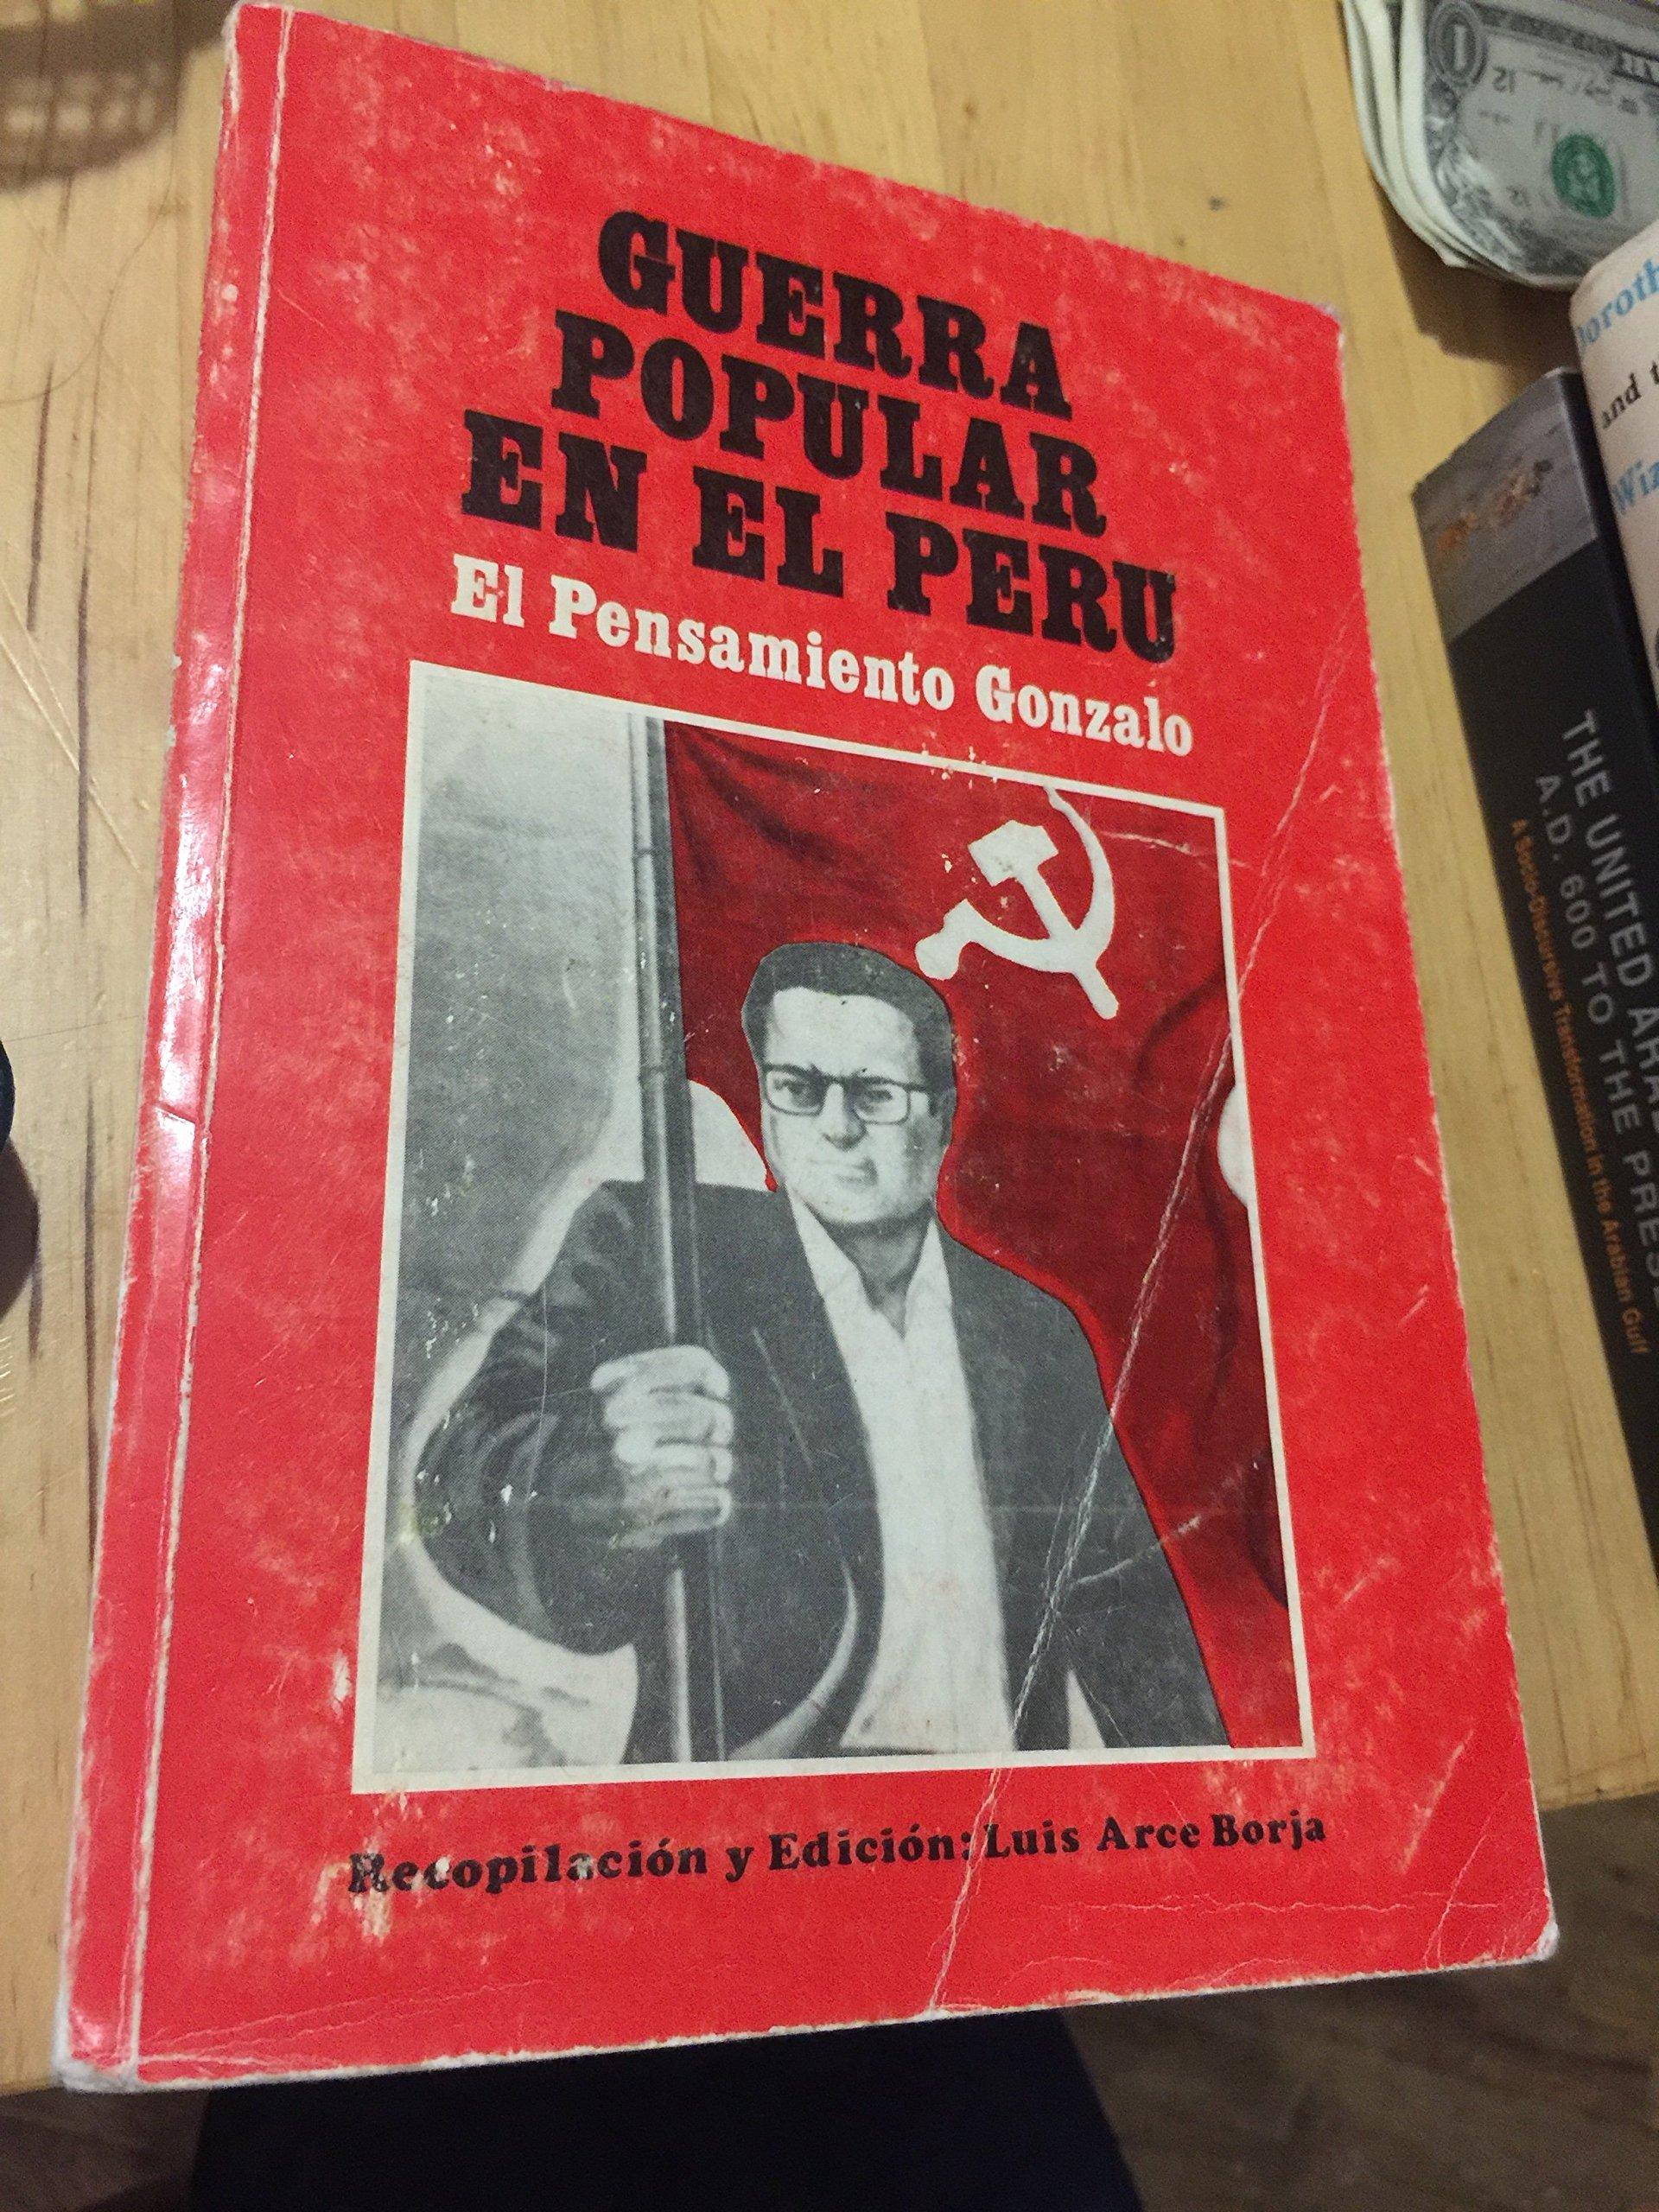 Amazon.com: Guerra Popular En El Peru -- Pensamiento Gonzalo: Abimael  Guzman, Luis Arce Borja: Books